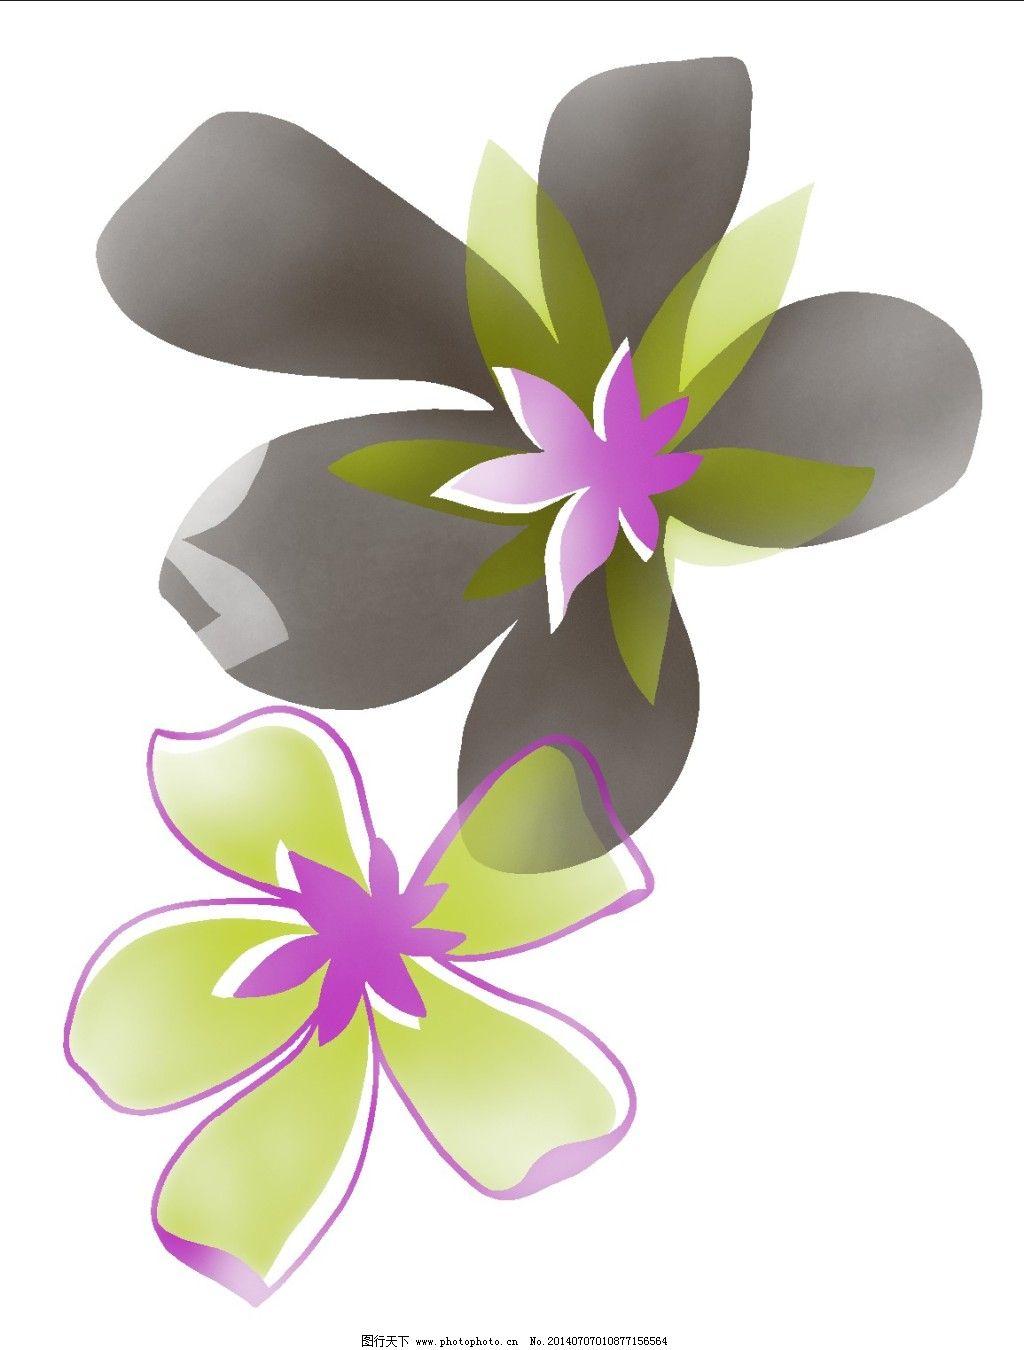 灰色花瓣免费下载 花卉 手绘图 灰色花瓣 手绘图 灰色花瓣手绘素材